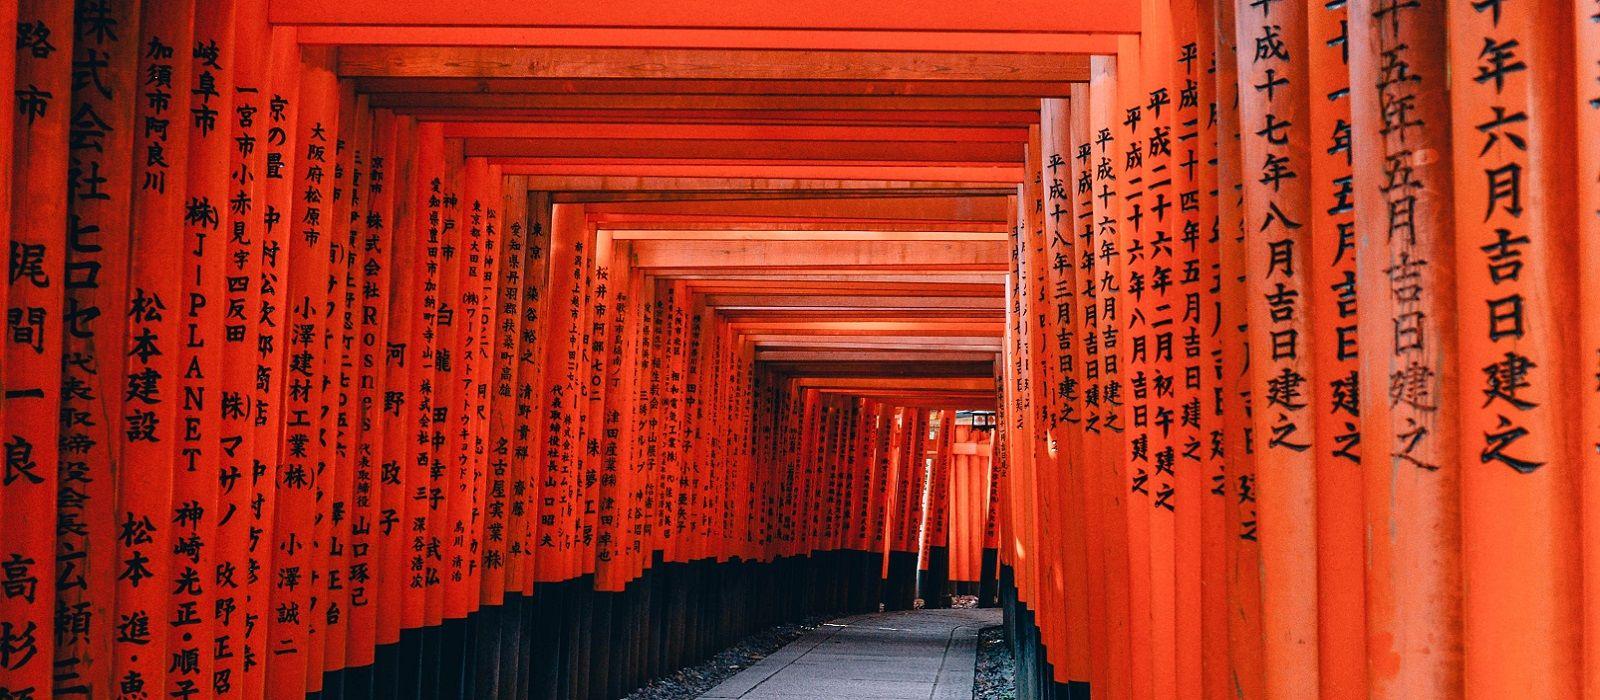 Just Japan: An Introduction Tour Trip 2